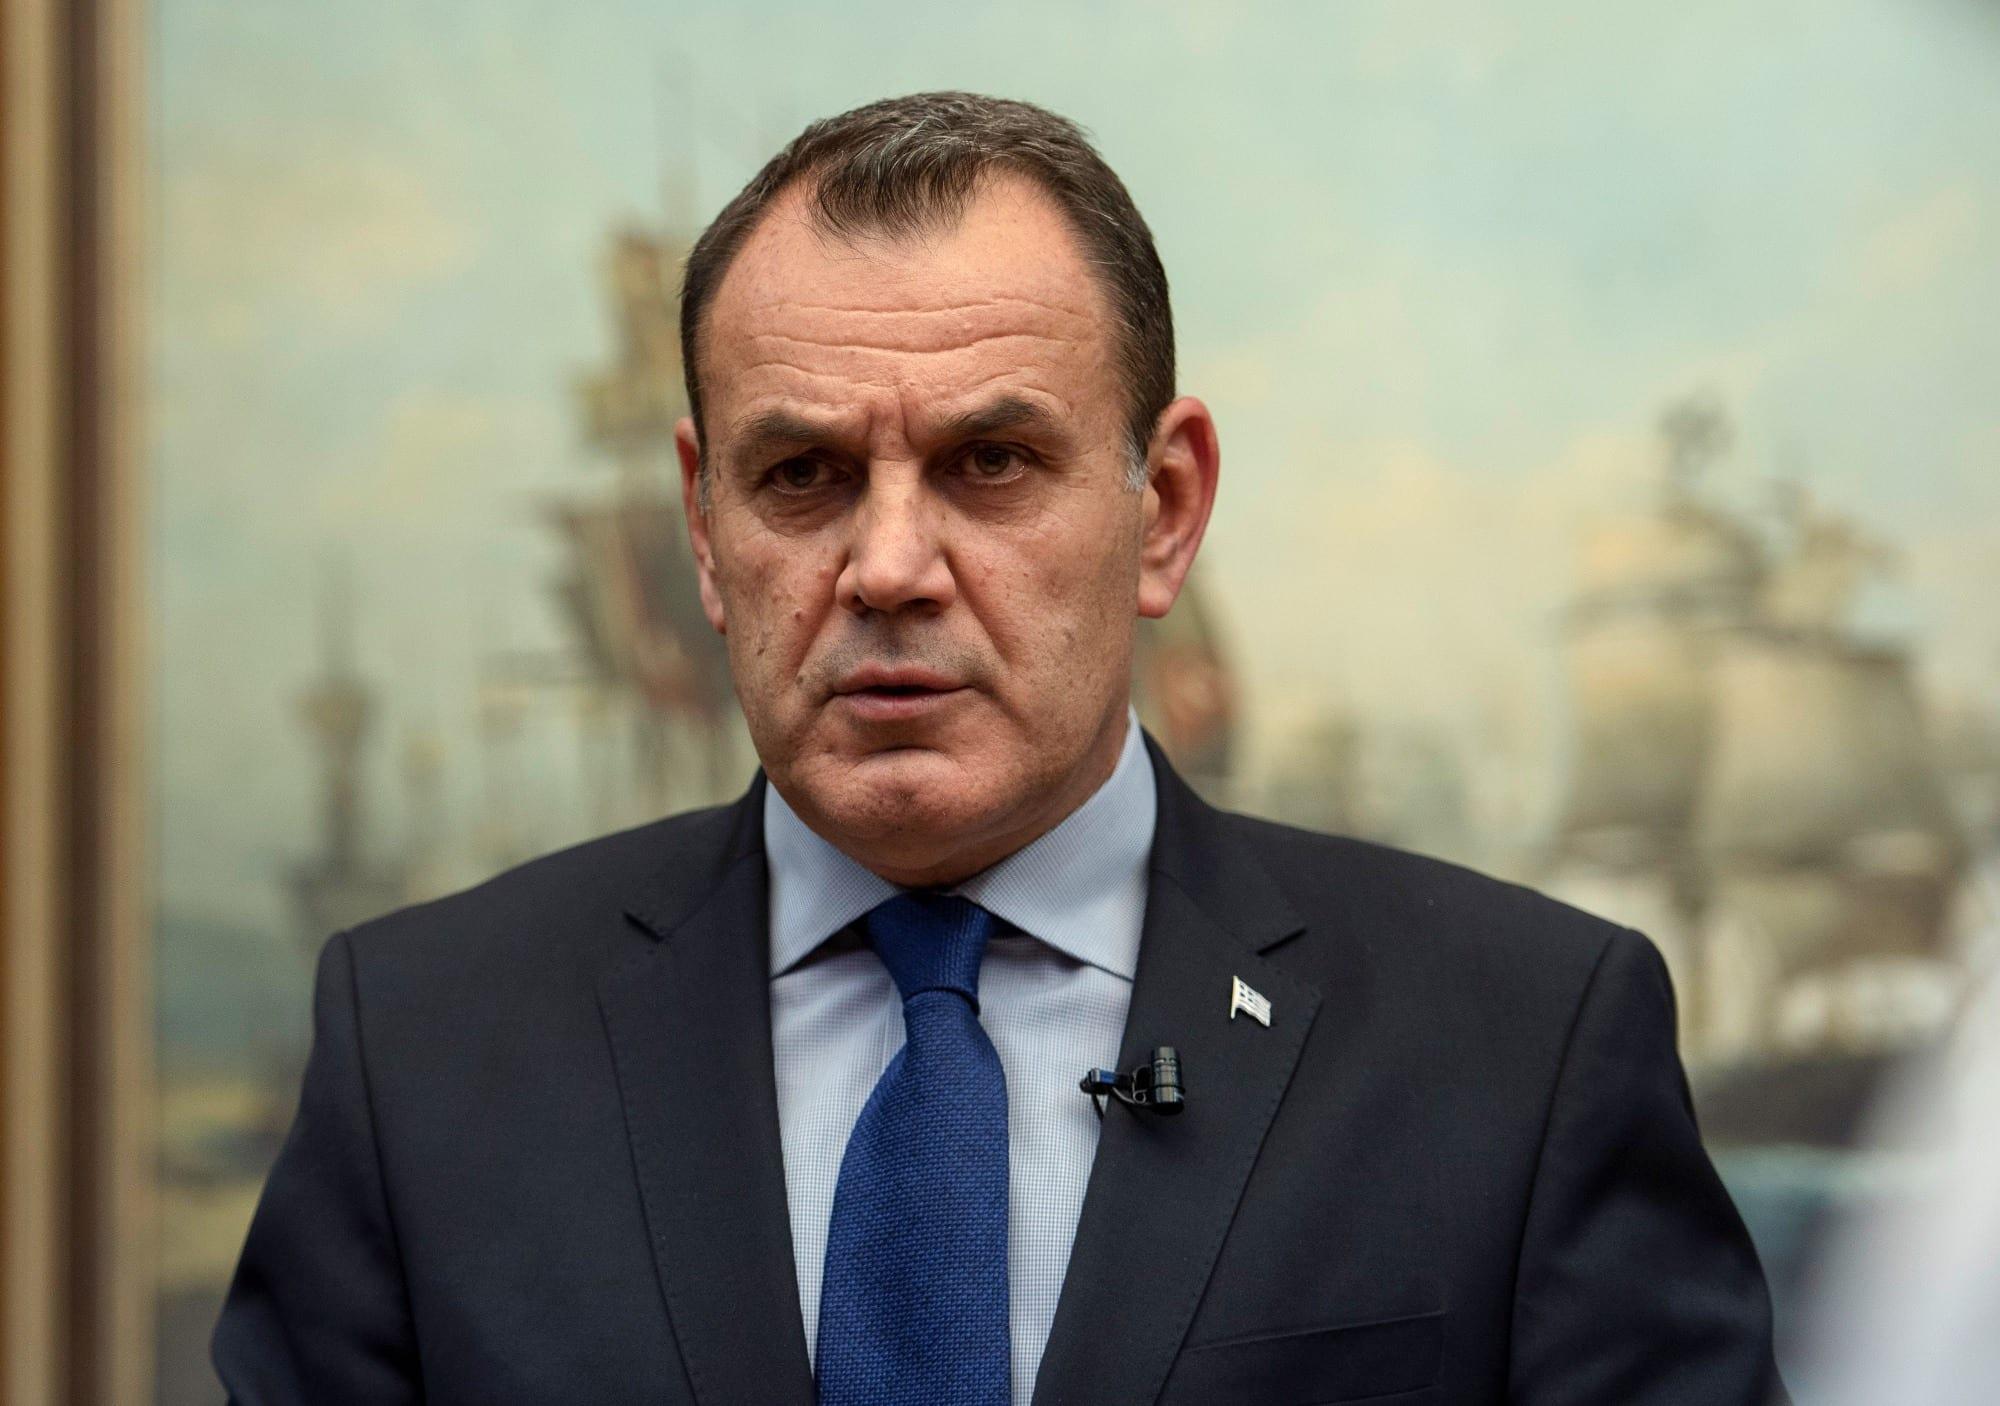 Ελληνική αποστολή στην Αφρική: Τι θα γίνει αν υπάρξουν απώλειες Ελλήνων στρατιωτικών, αφού δεν πρόκειται για αποστολή του ΟΗΕ;